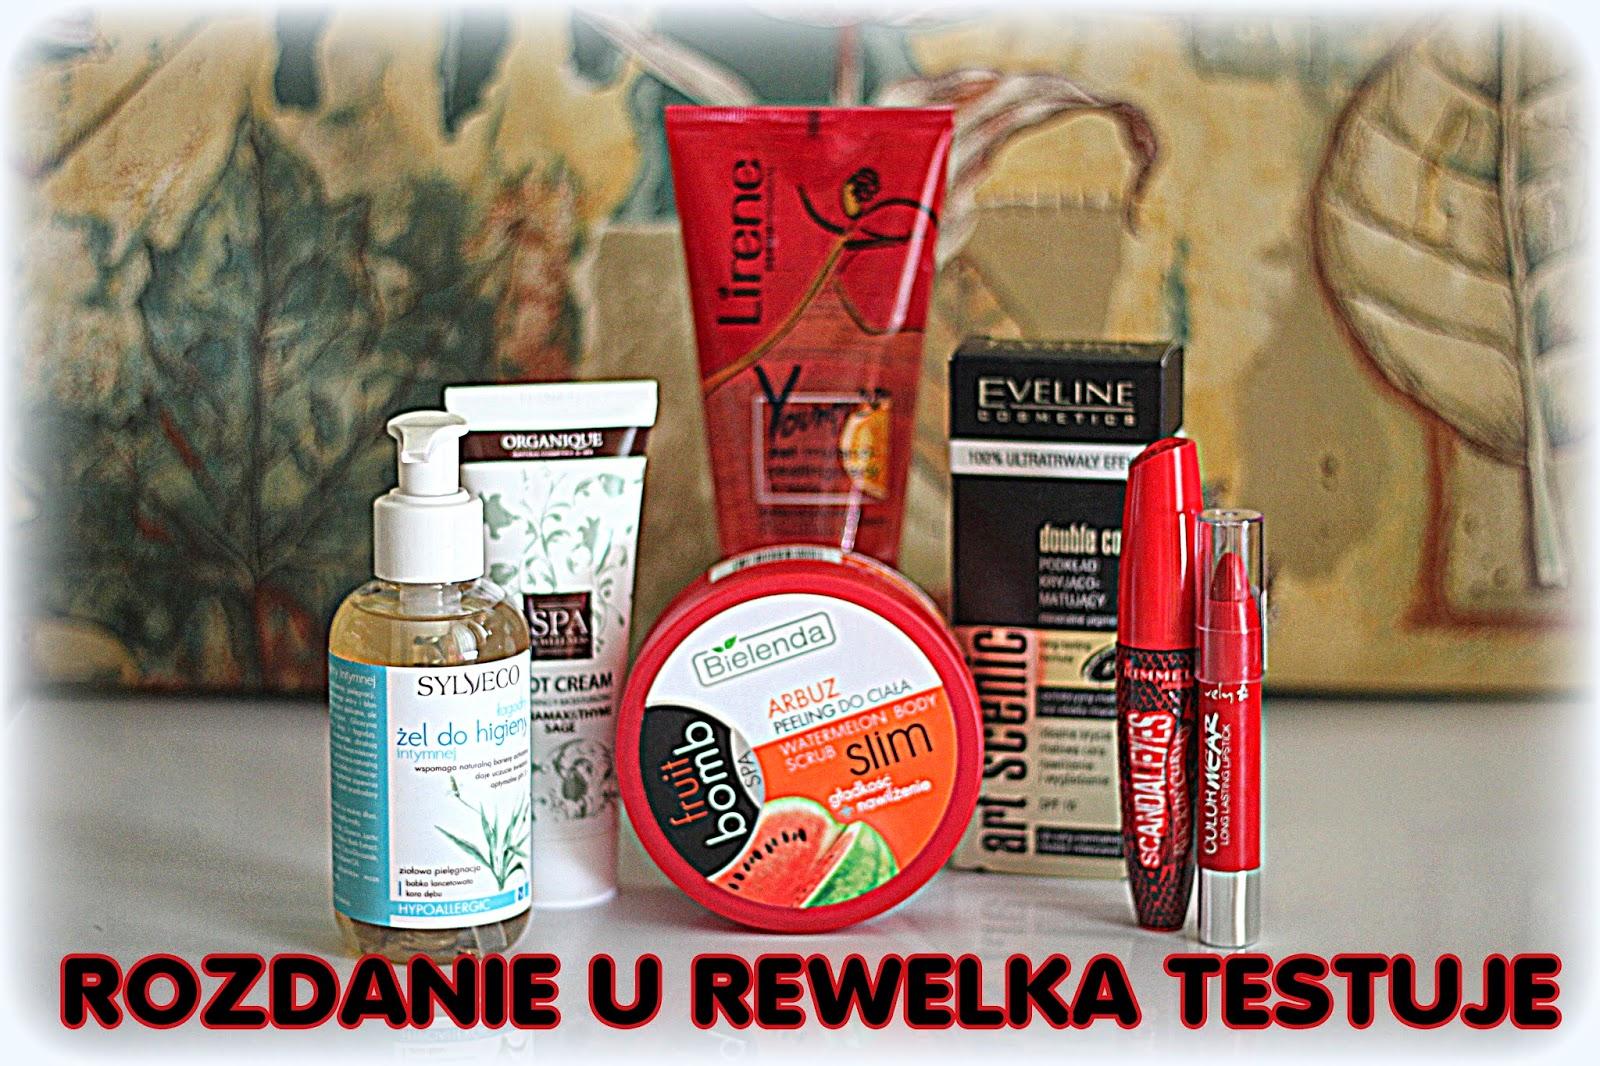 Drugie rozdanie u Rewelka Testuje - ZAPRASZAM DO UDZIAŁU!